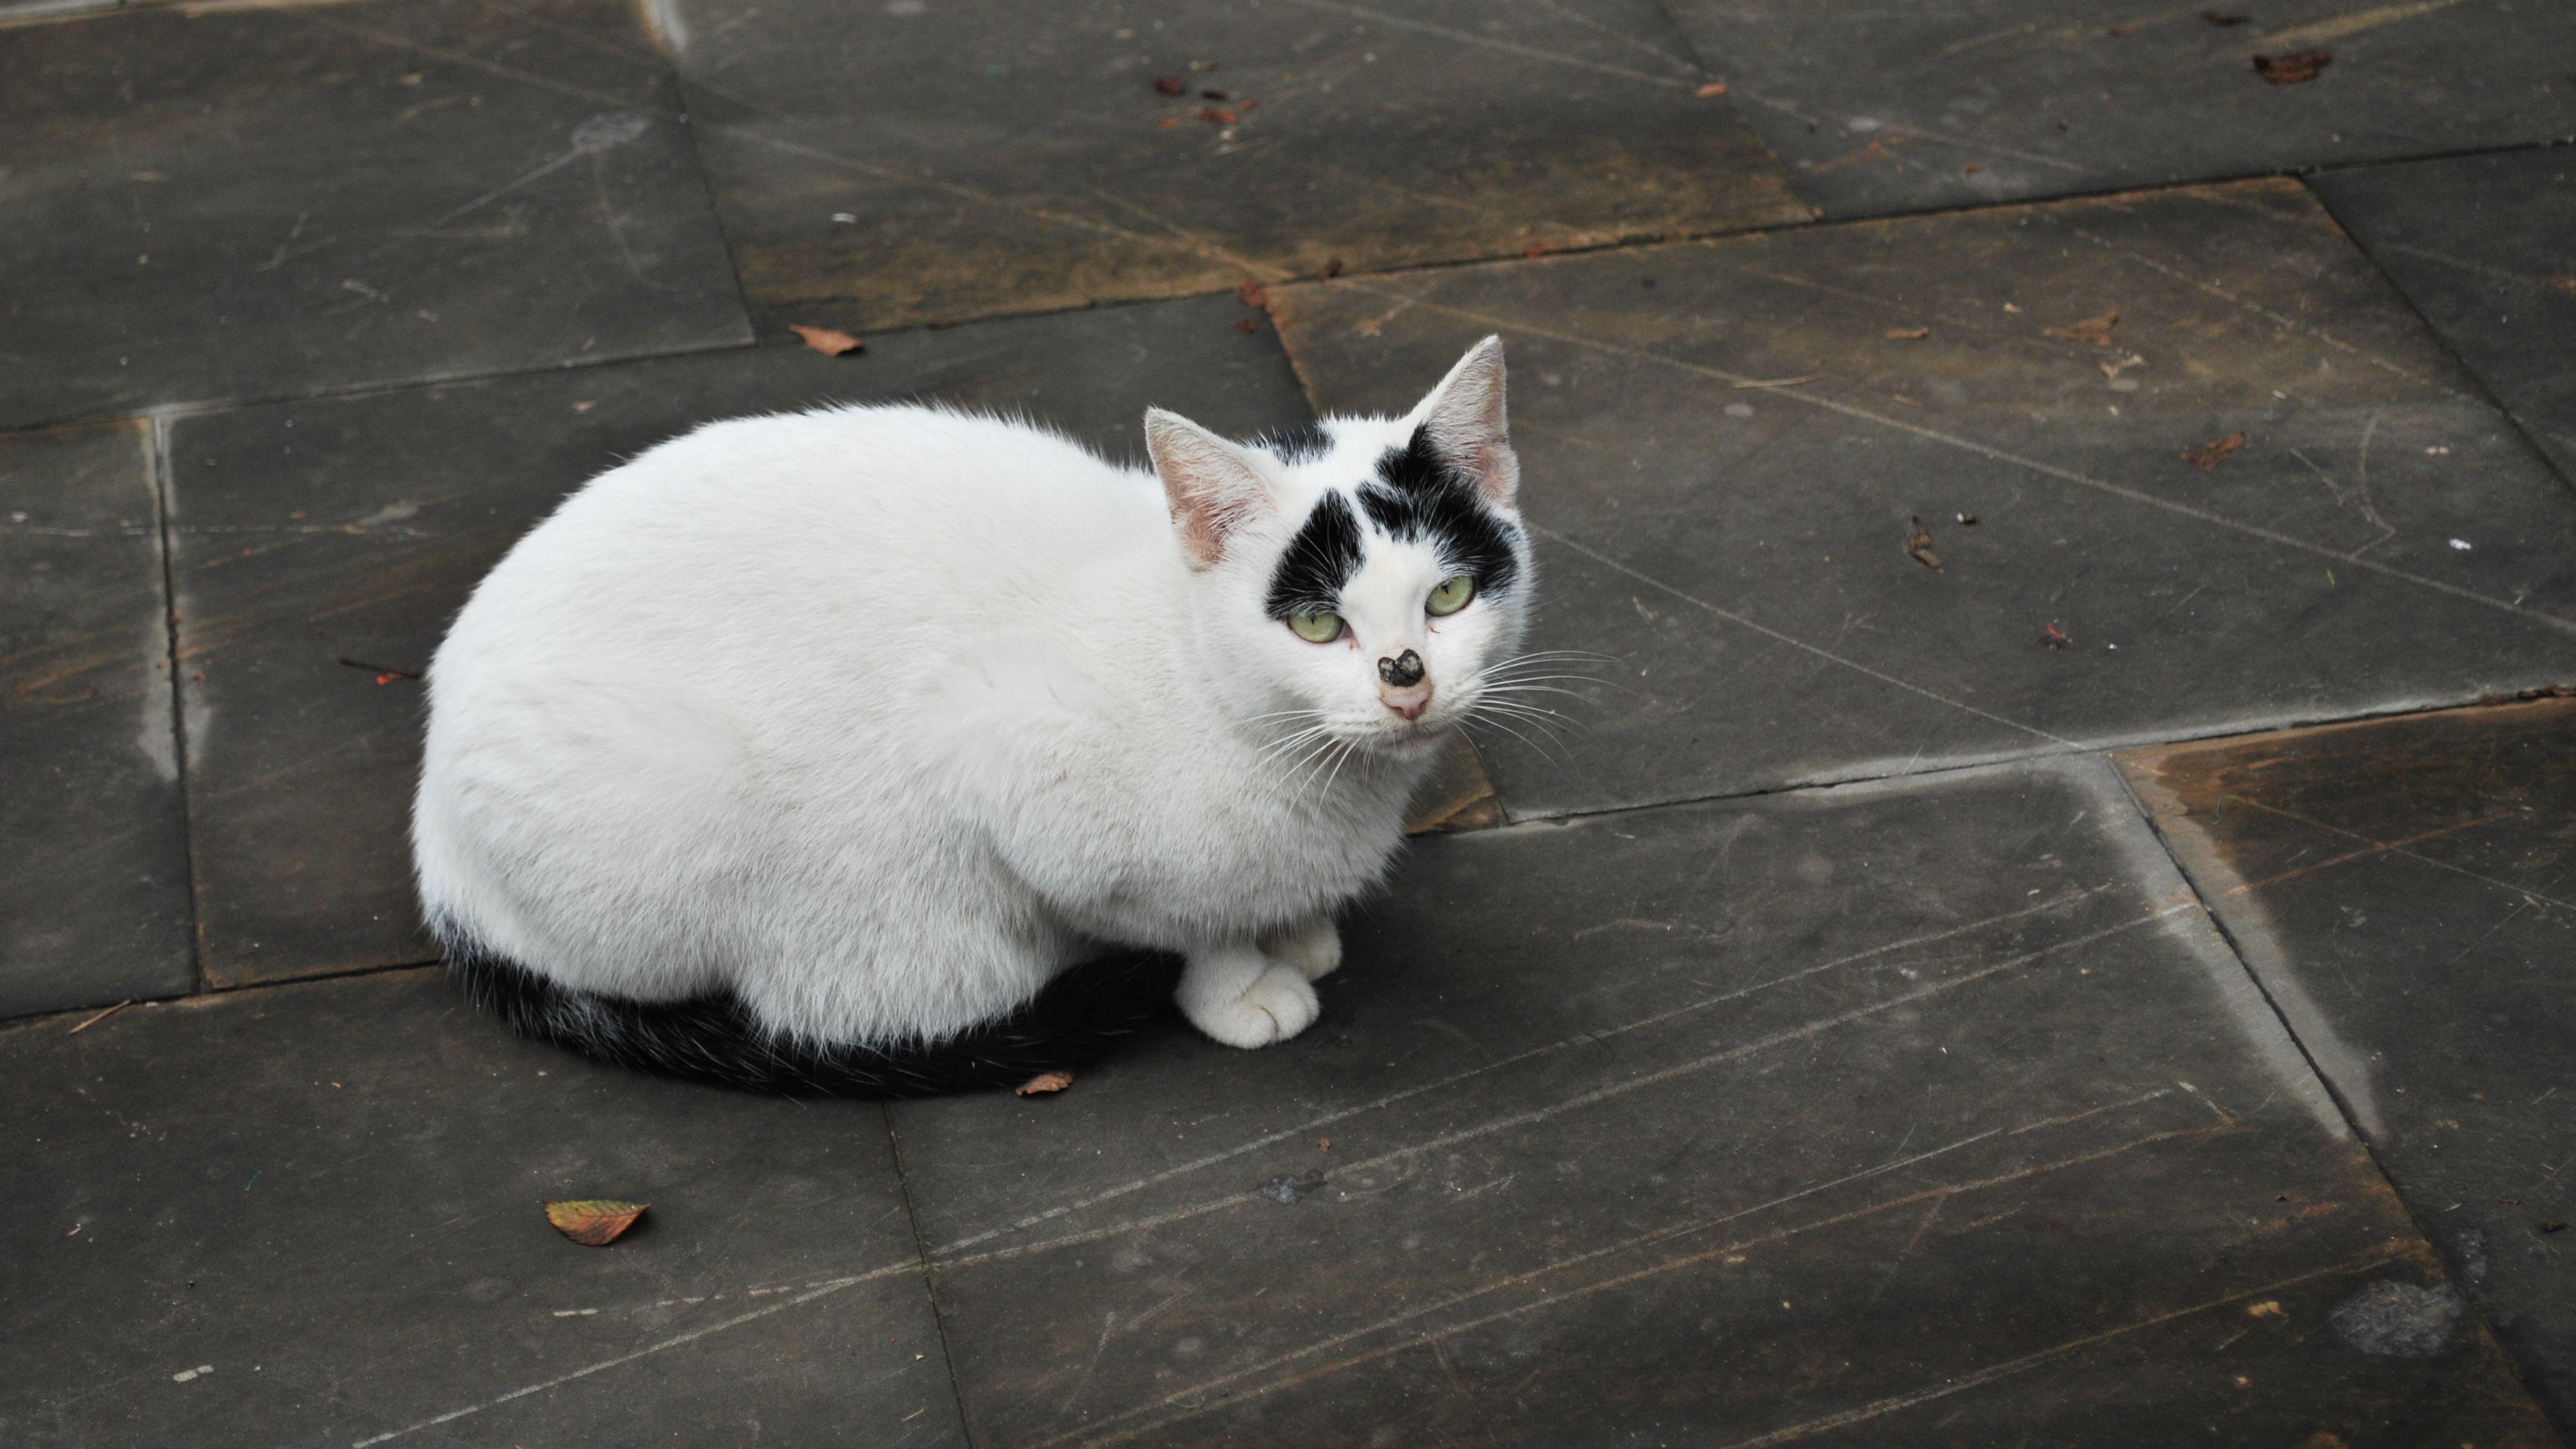 壁纸 动物 猫 猫咪 兔子 小猫 桌面 3872_2178